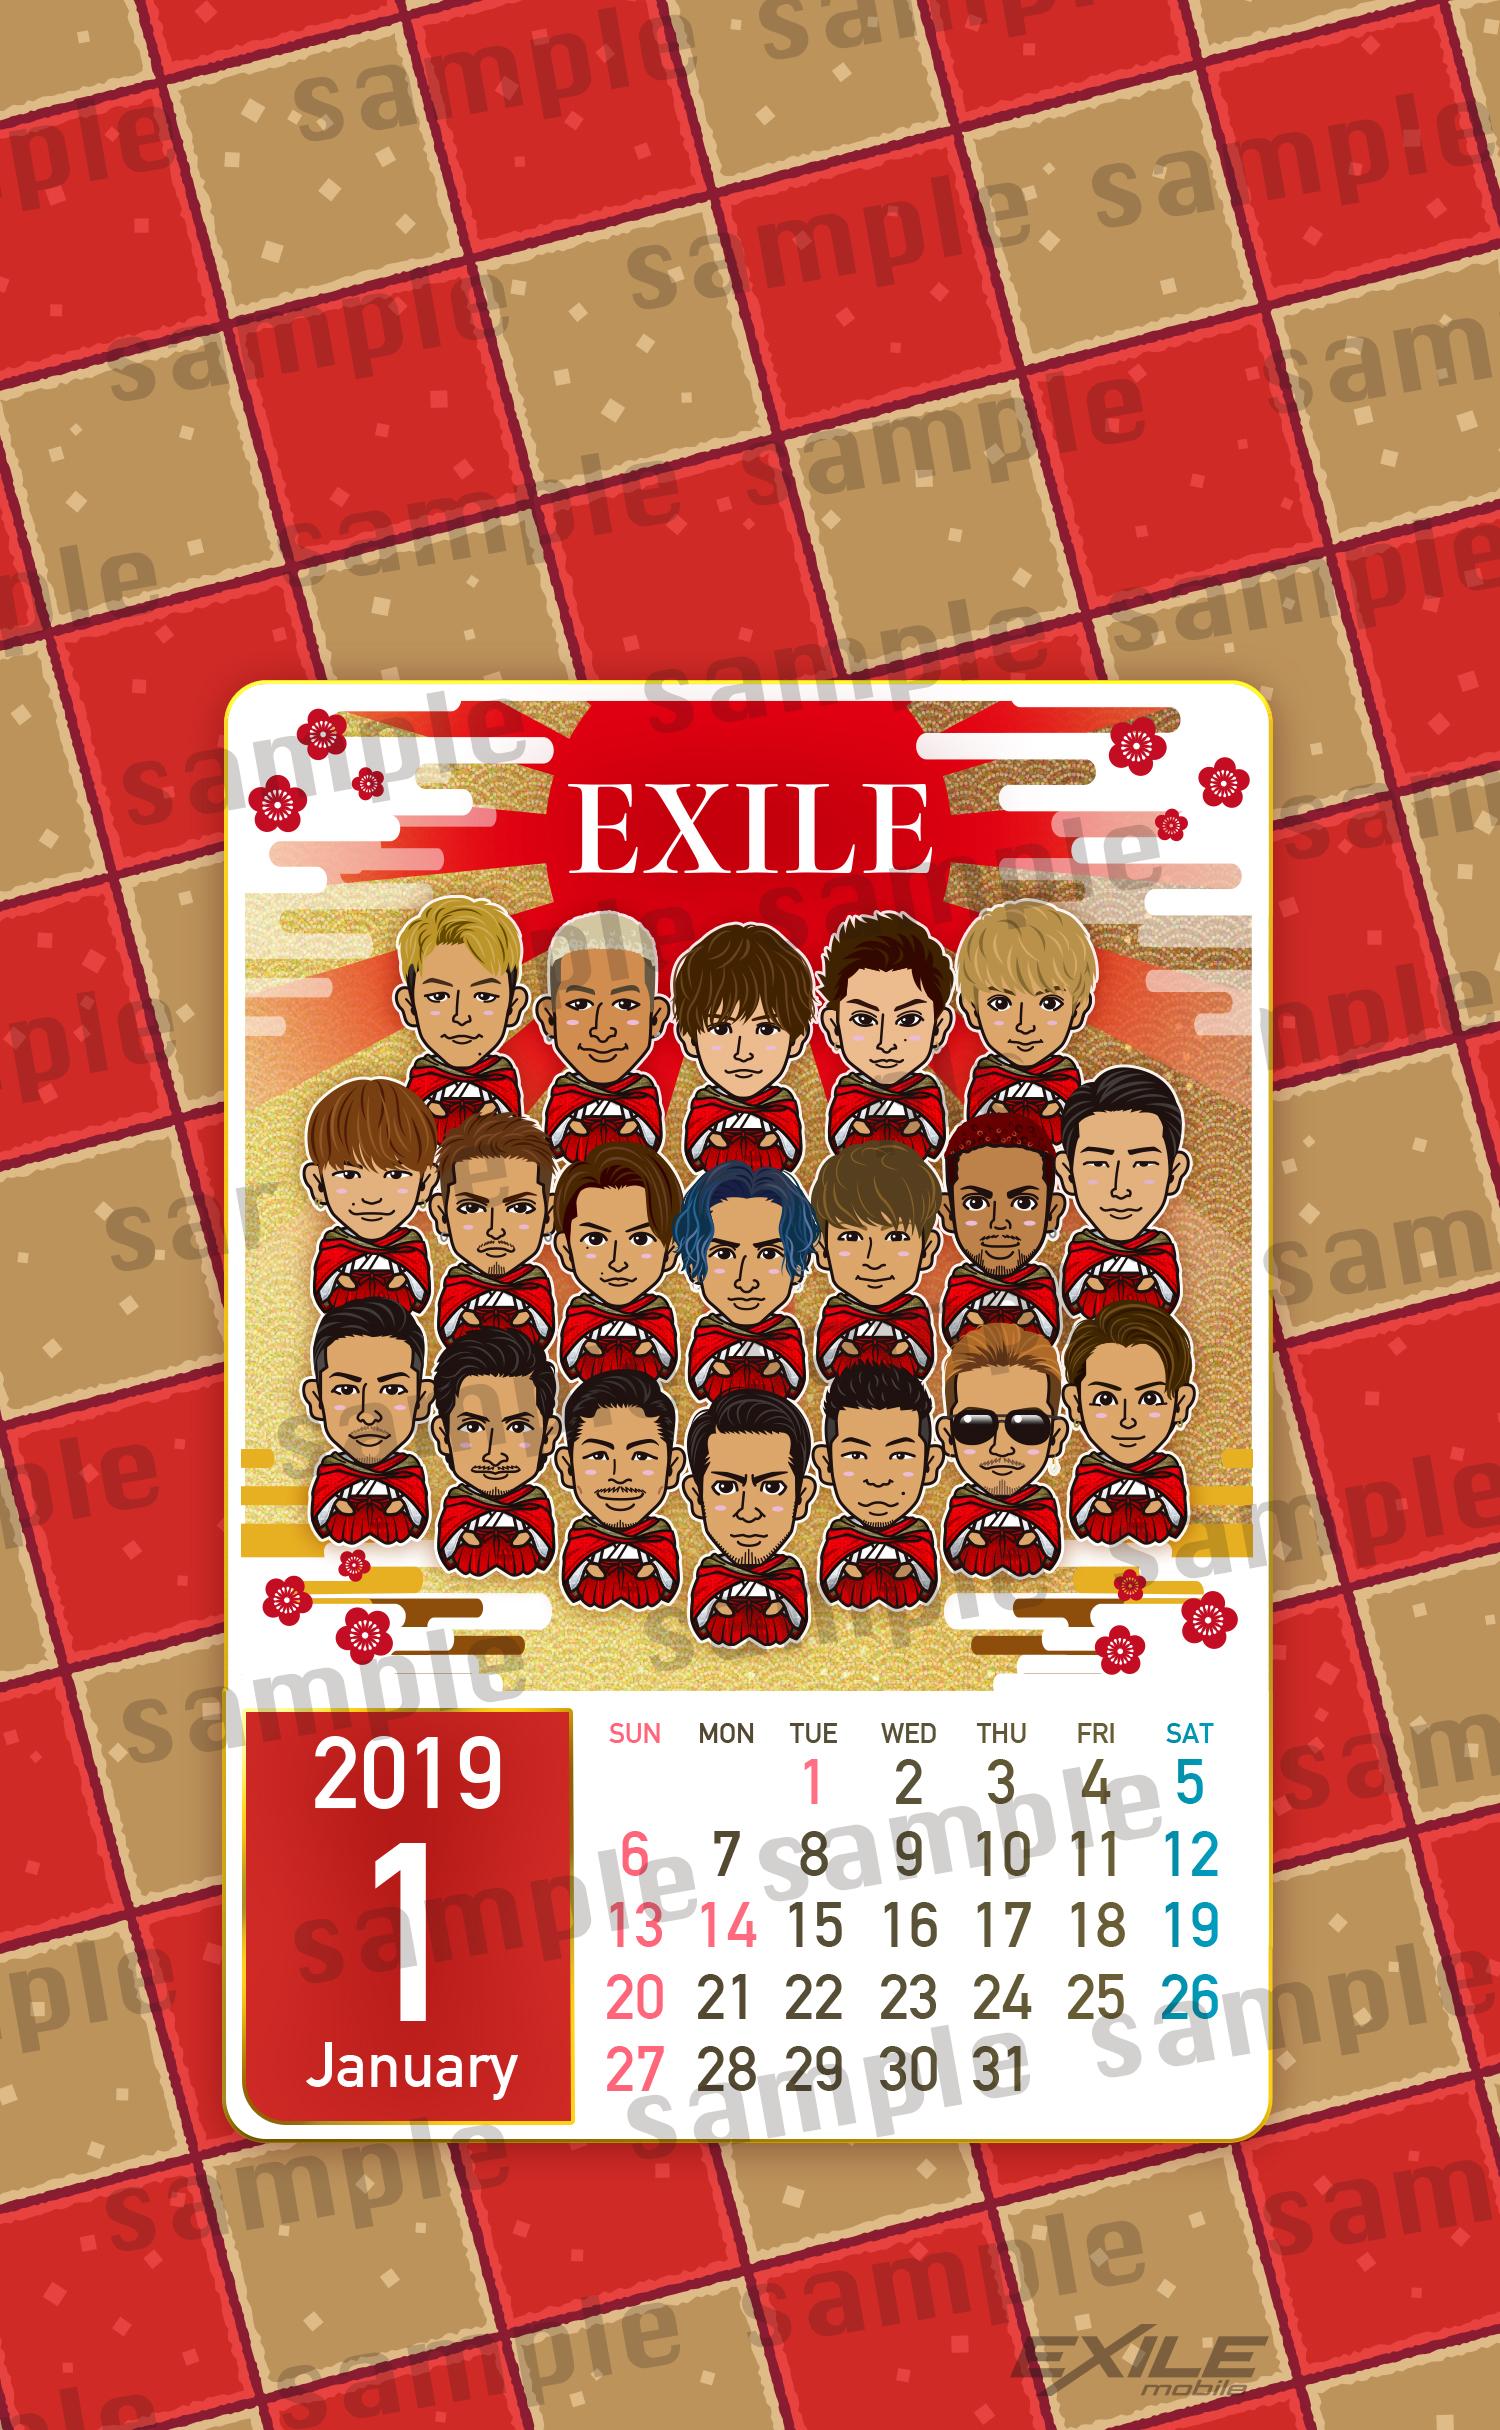 1ヶ月継続会員にプレゼント Exile Mobile会員限定 オリジナル